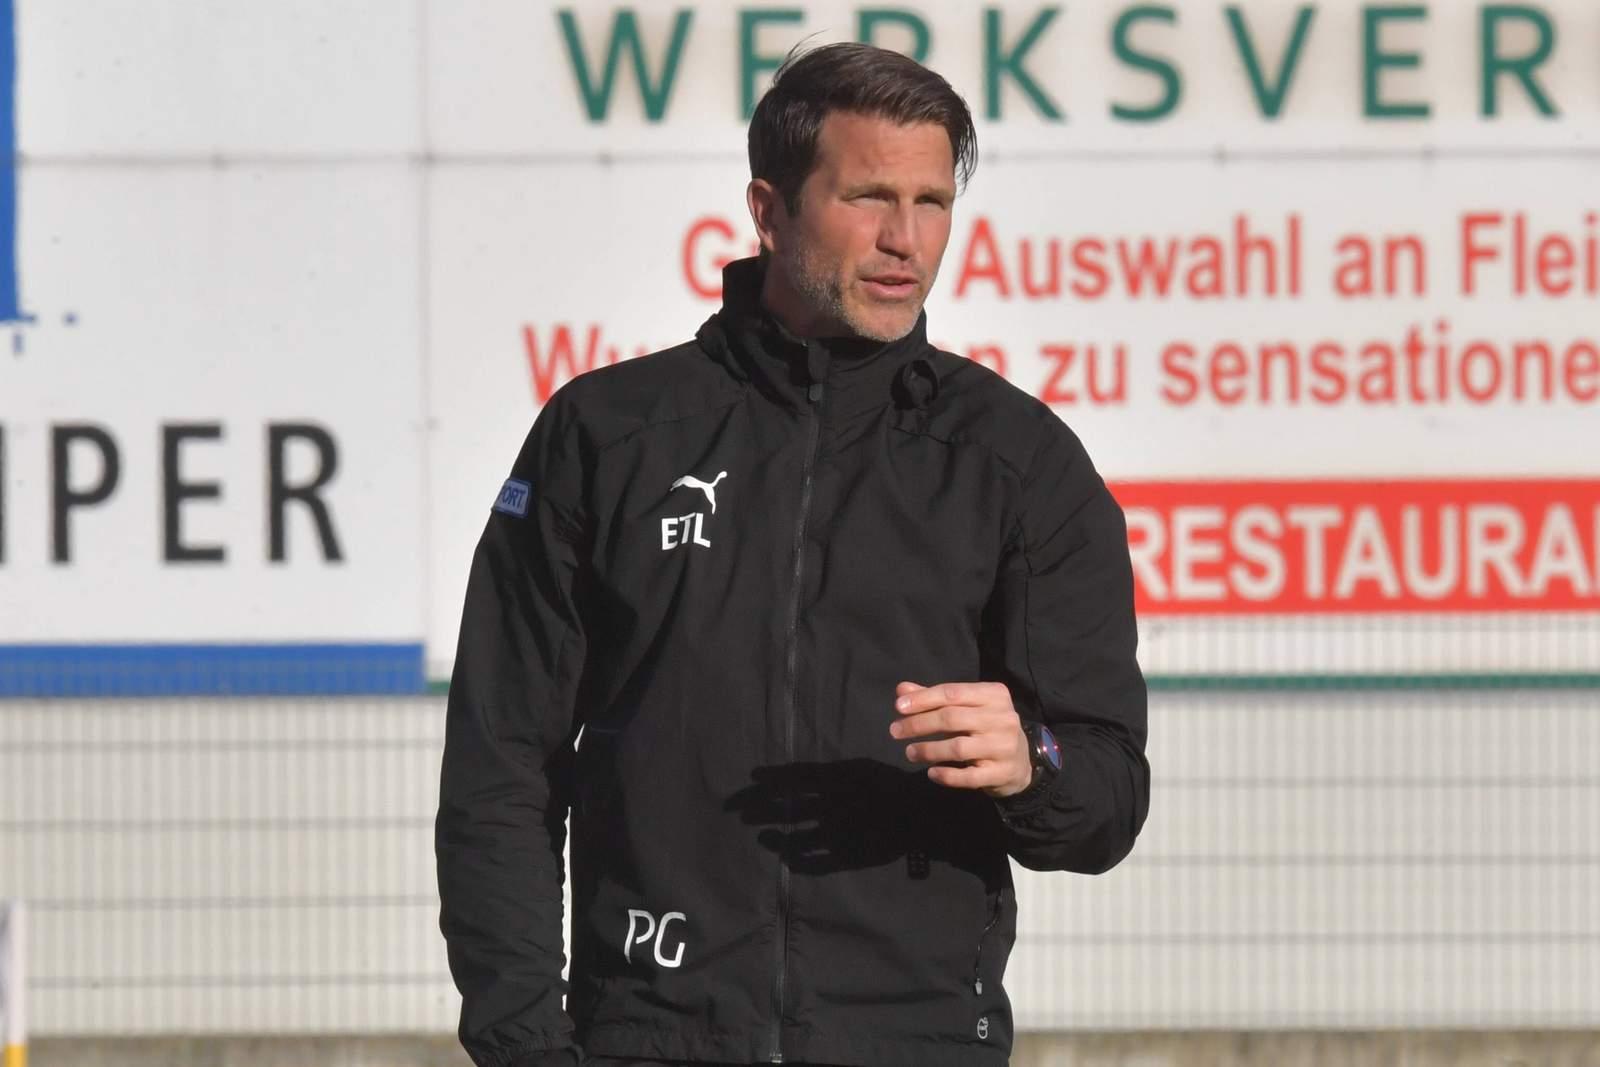 Patrick Glöckner